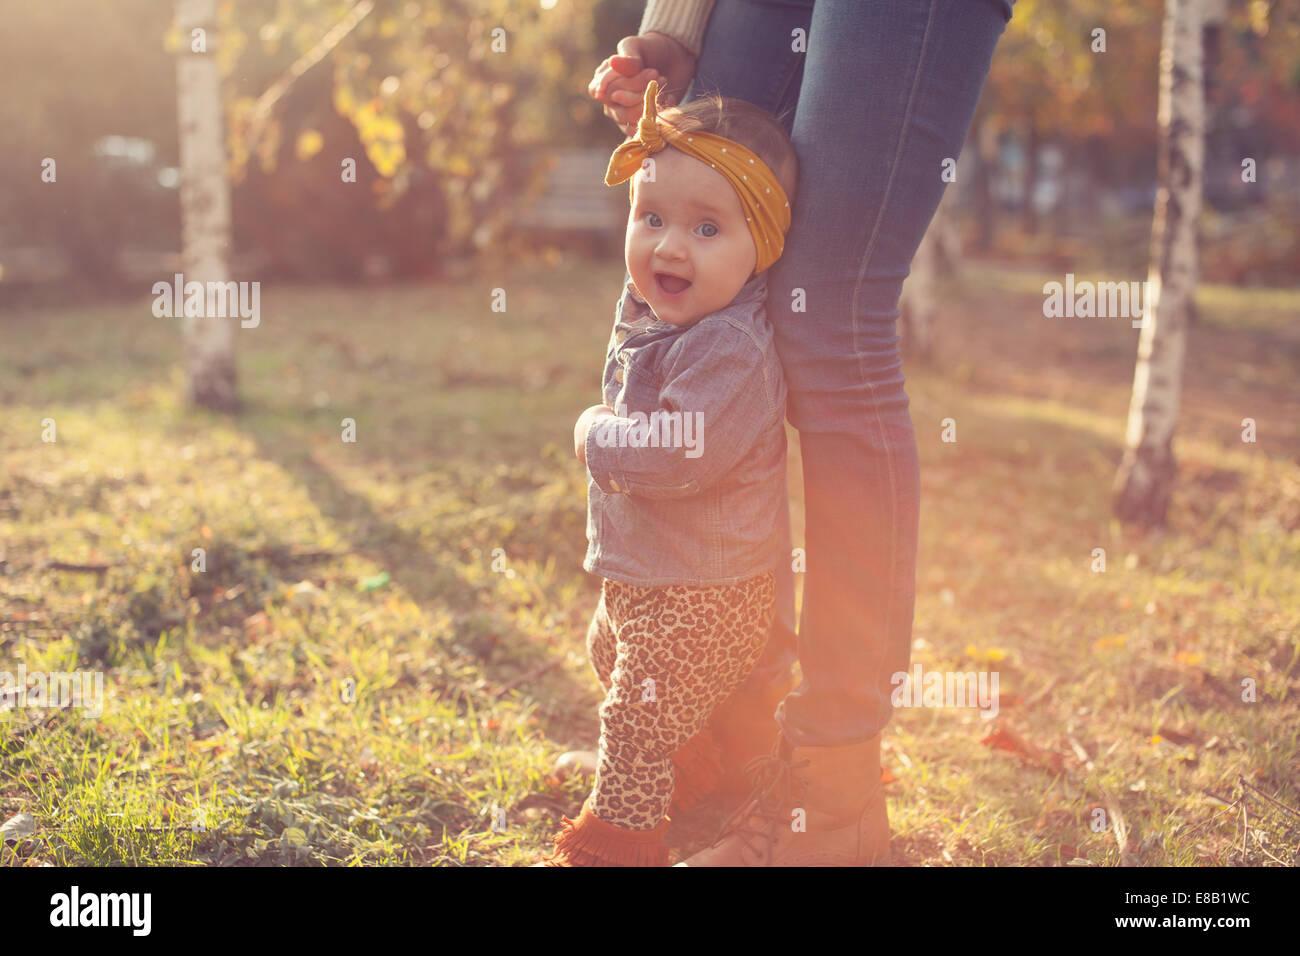 Seis meses bebé modelo de moda Imagen De Stock